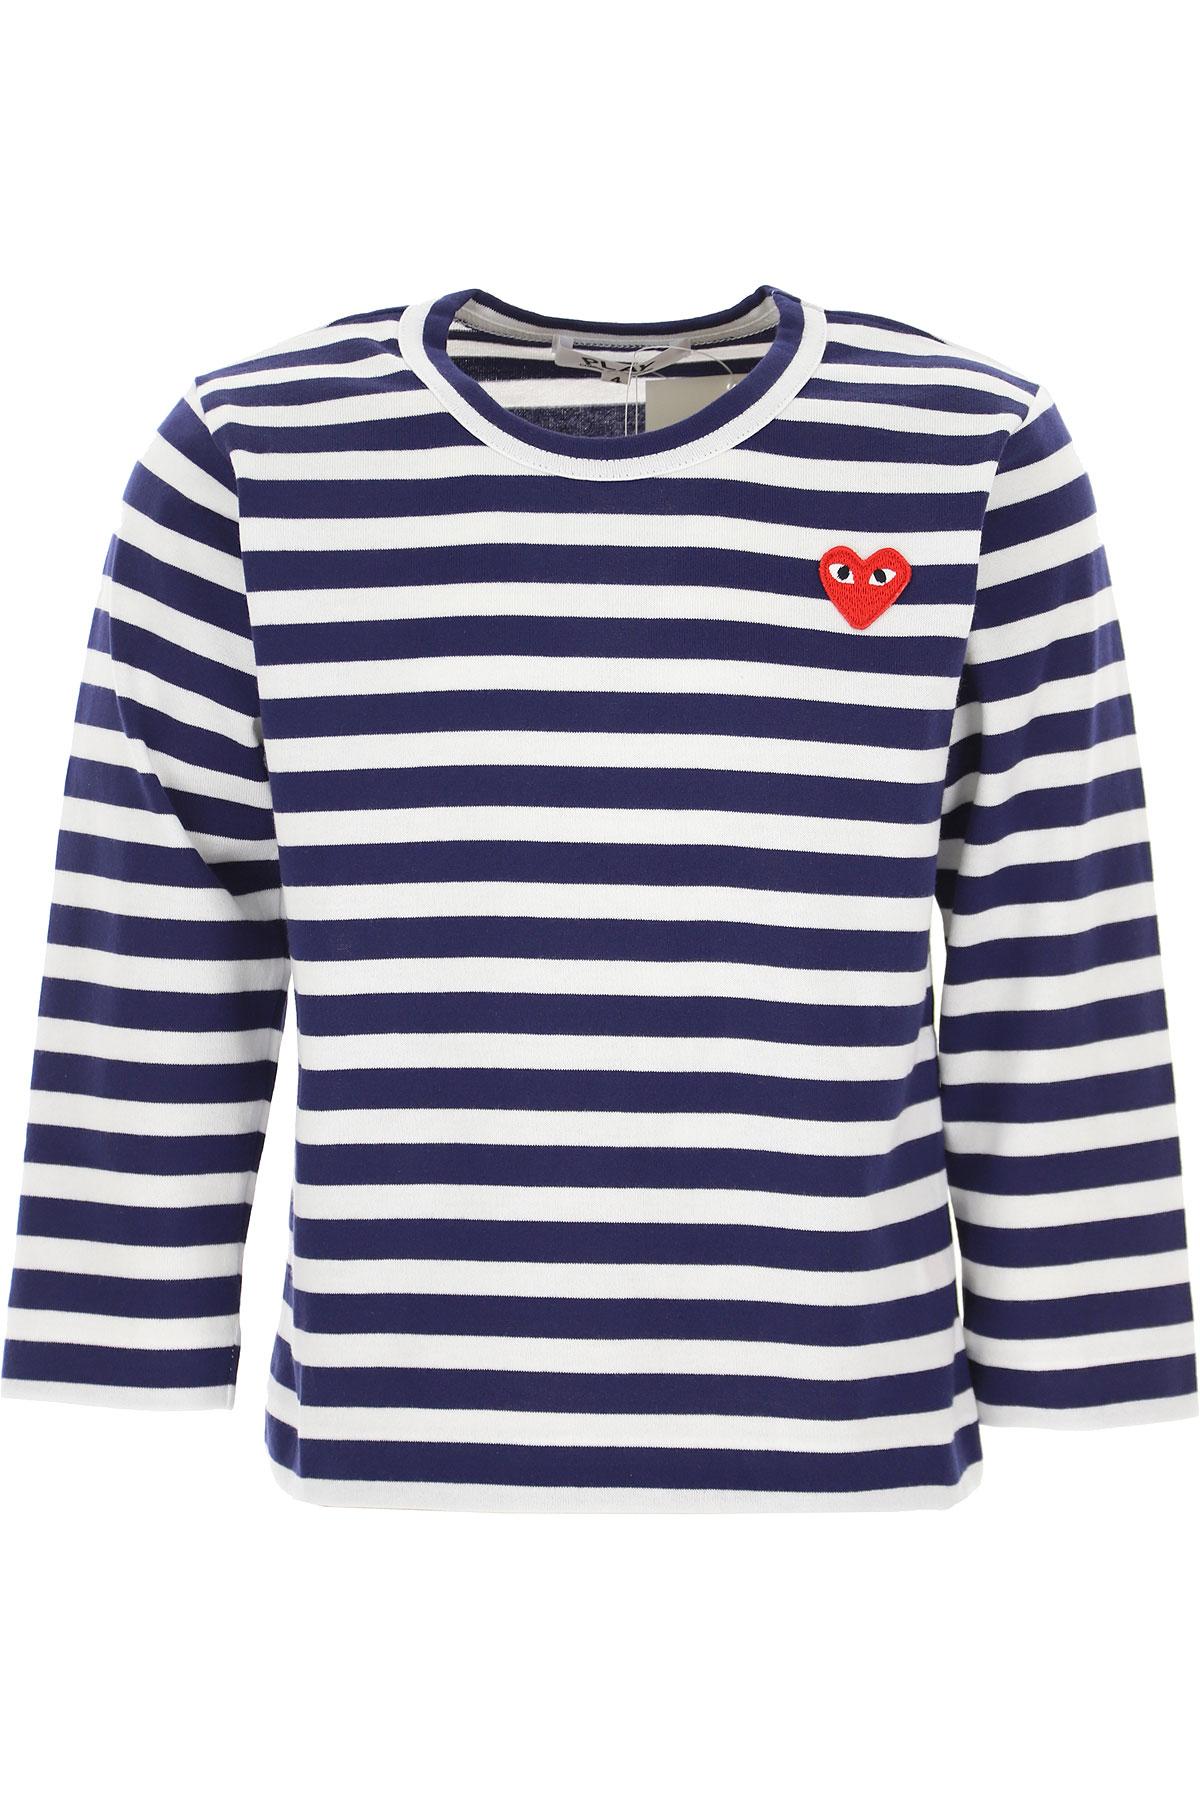 Comme des Garcons Kids T-Shirt for Boys On Sale, Blue, Cotton, 2019, 4Y 6Y